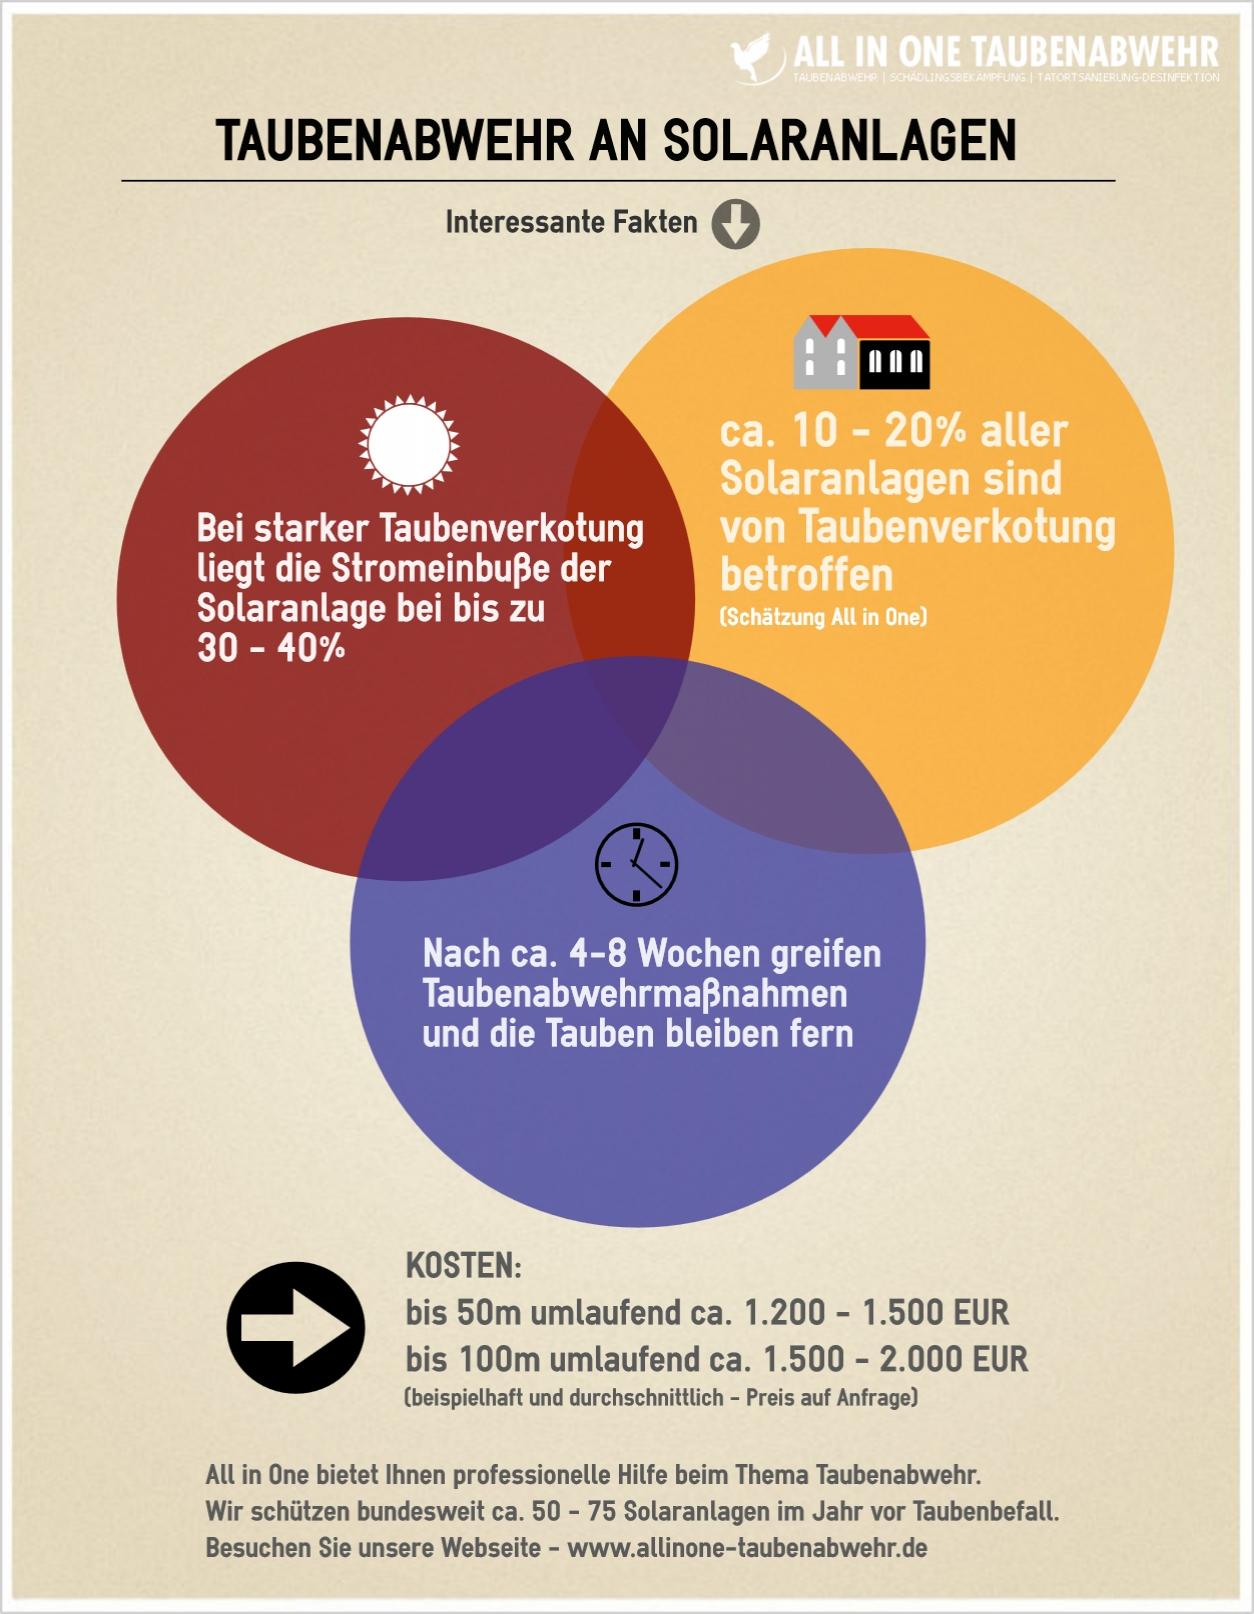 Taubenabwehr an Solaranlagen - Infografik